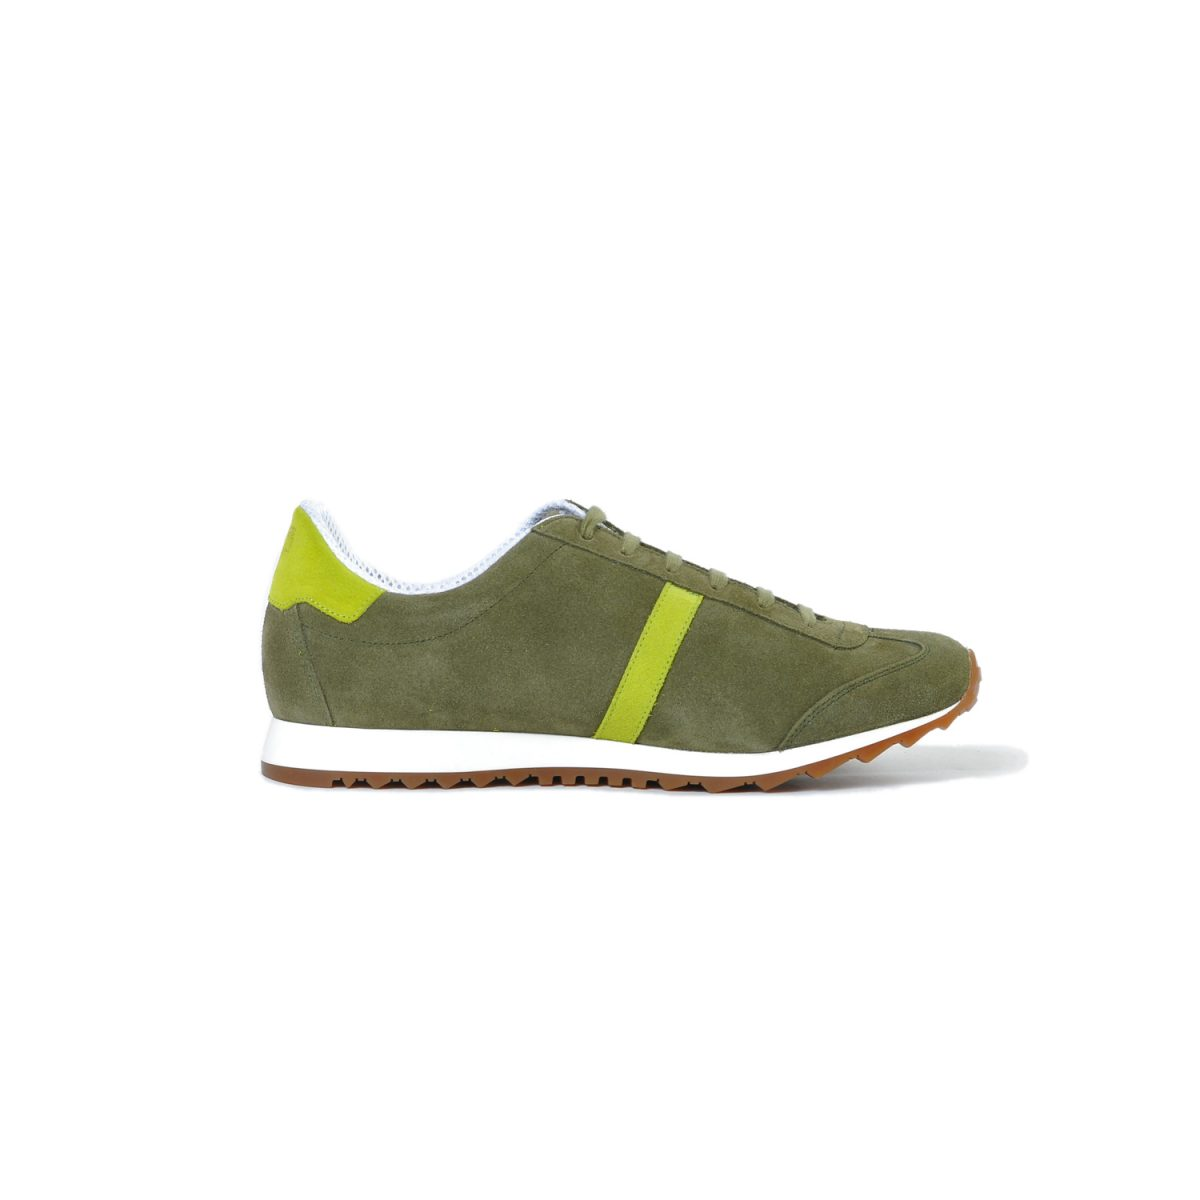 Tisza shoes - Martfű - Khaki-lime